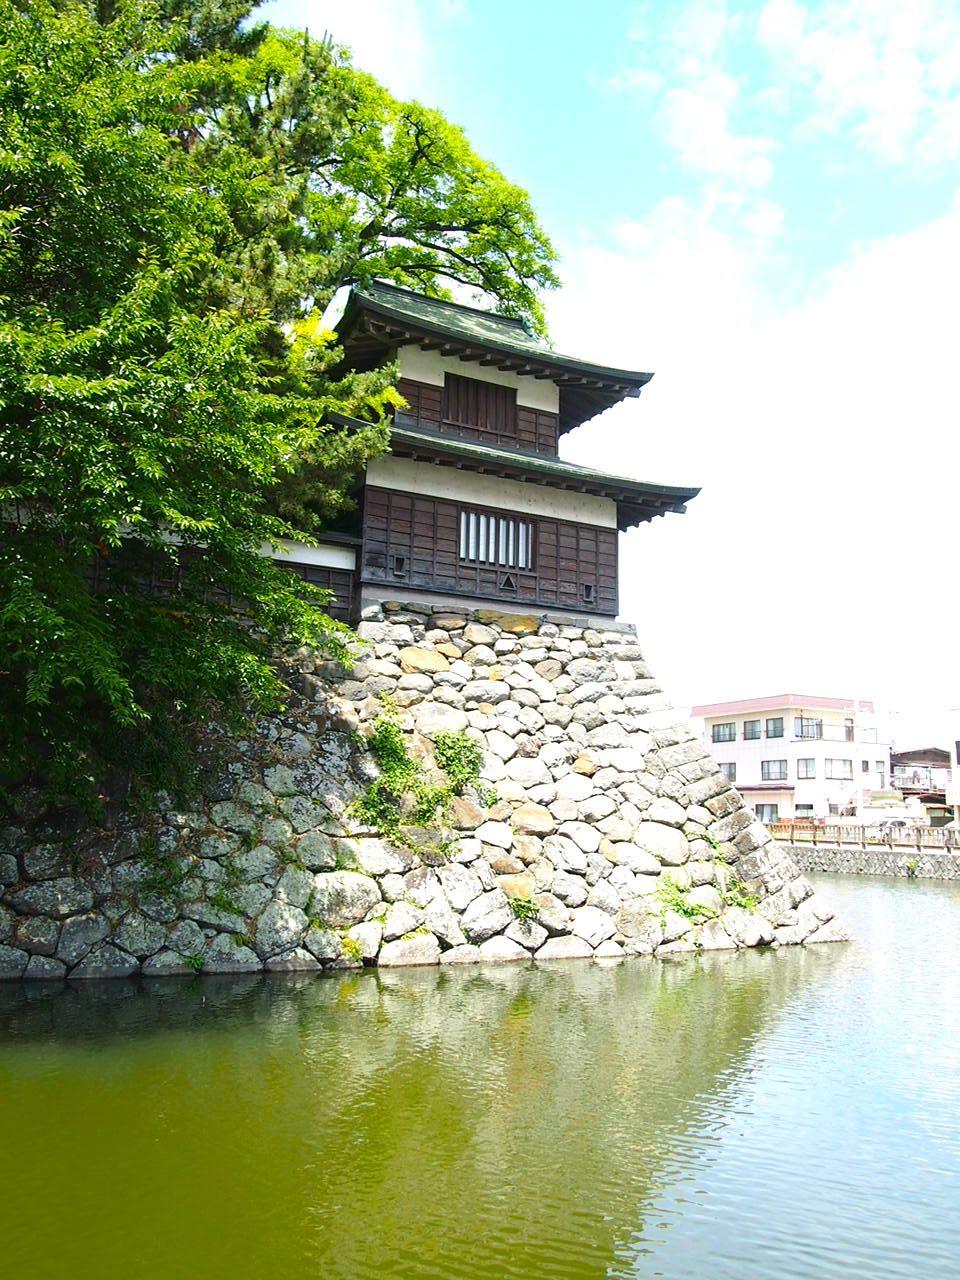 3.復興された門と櫓